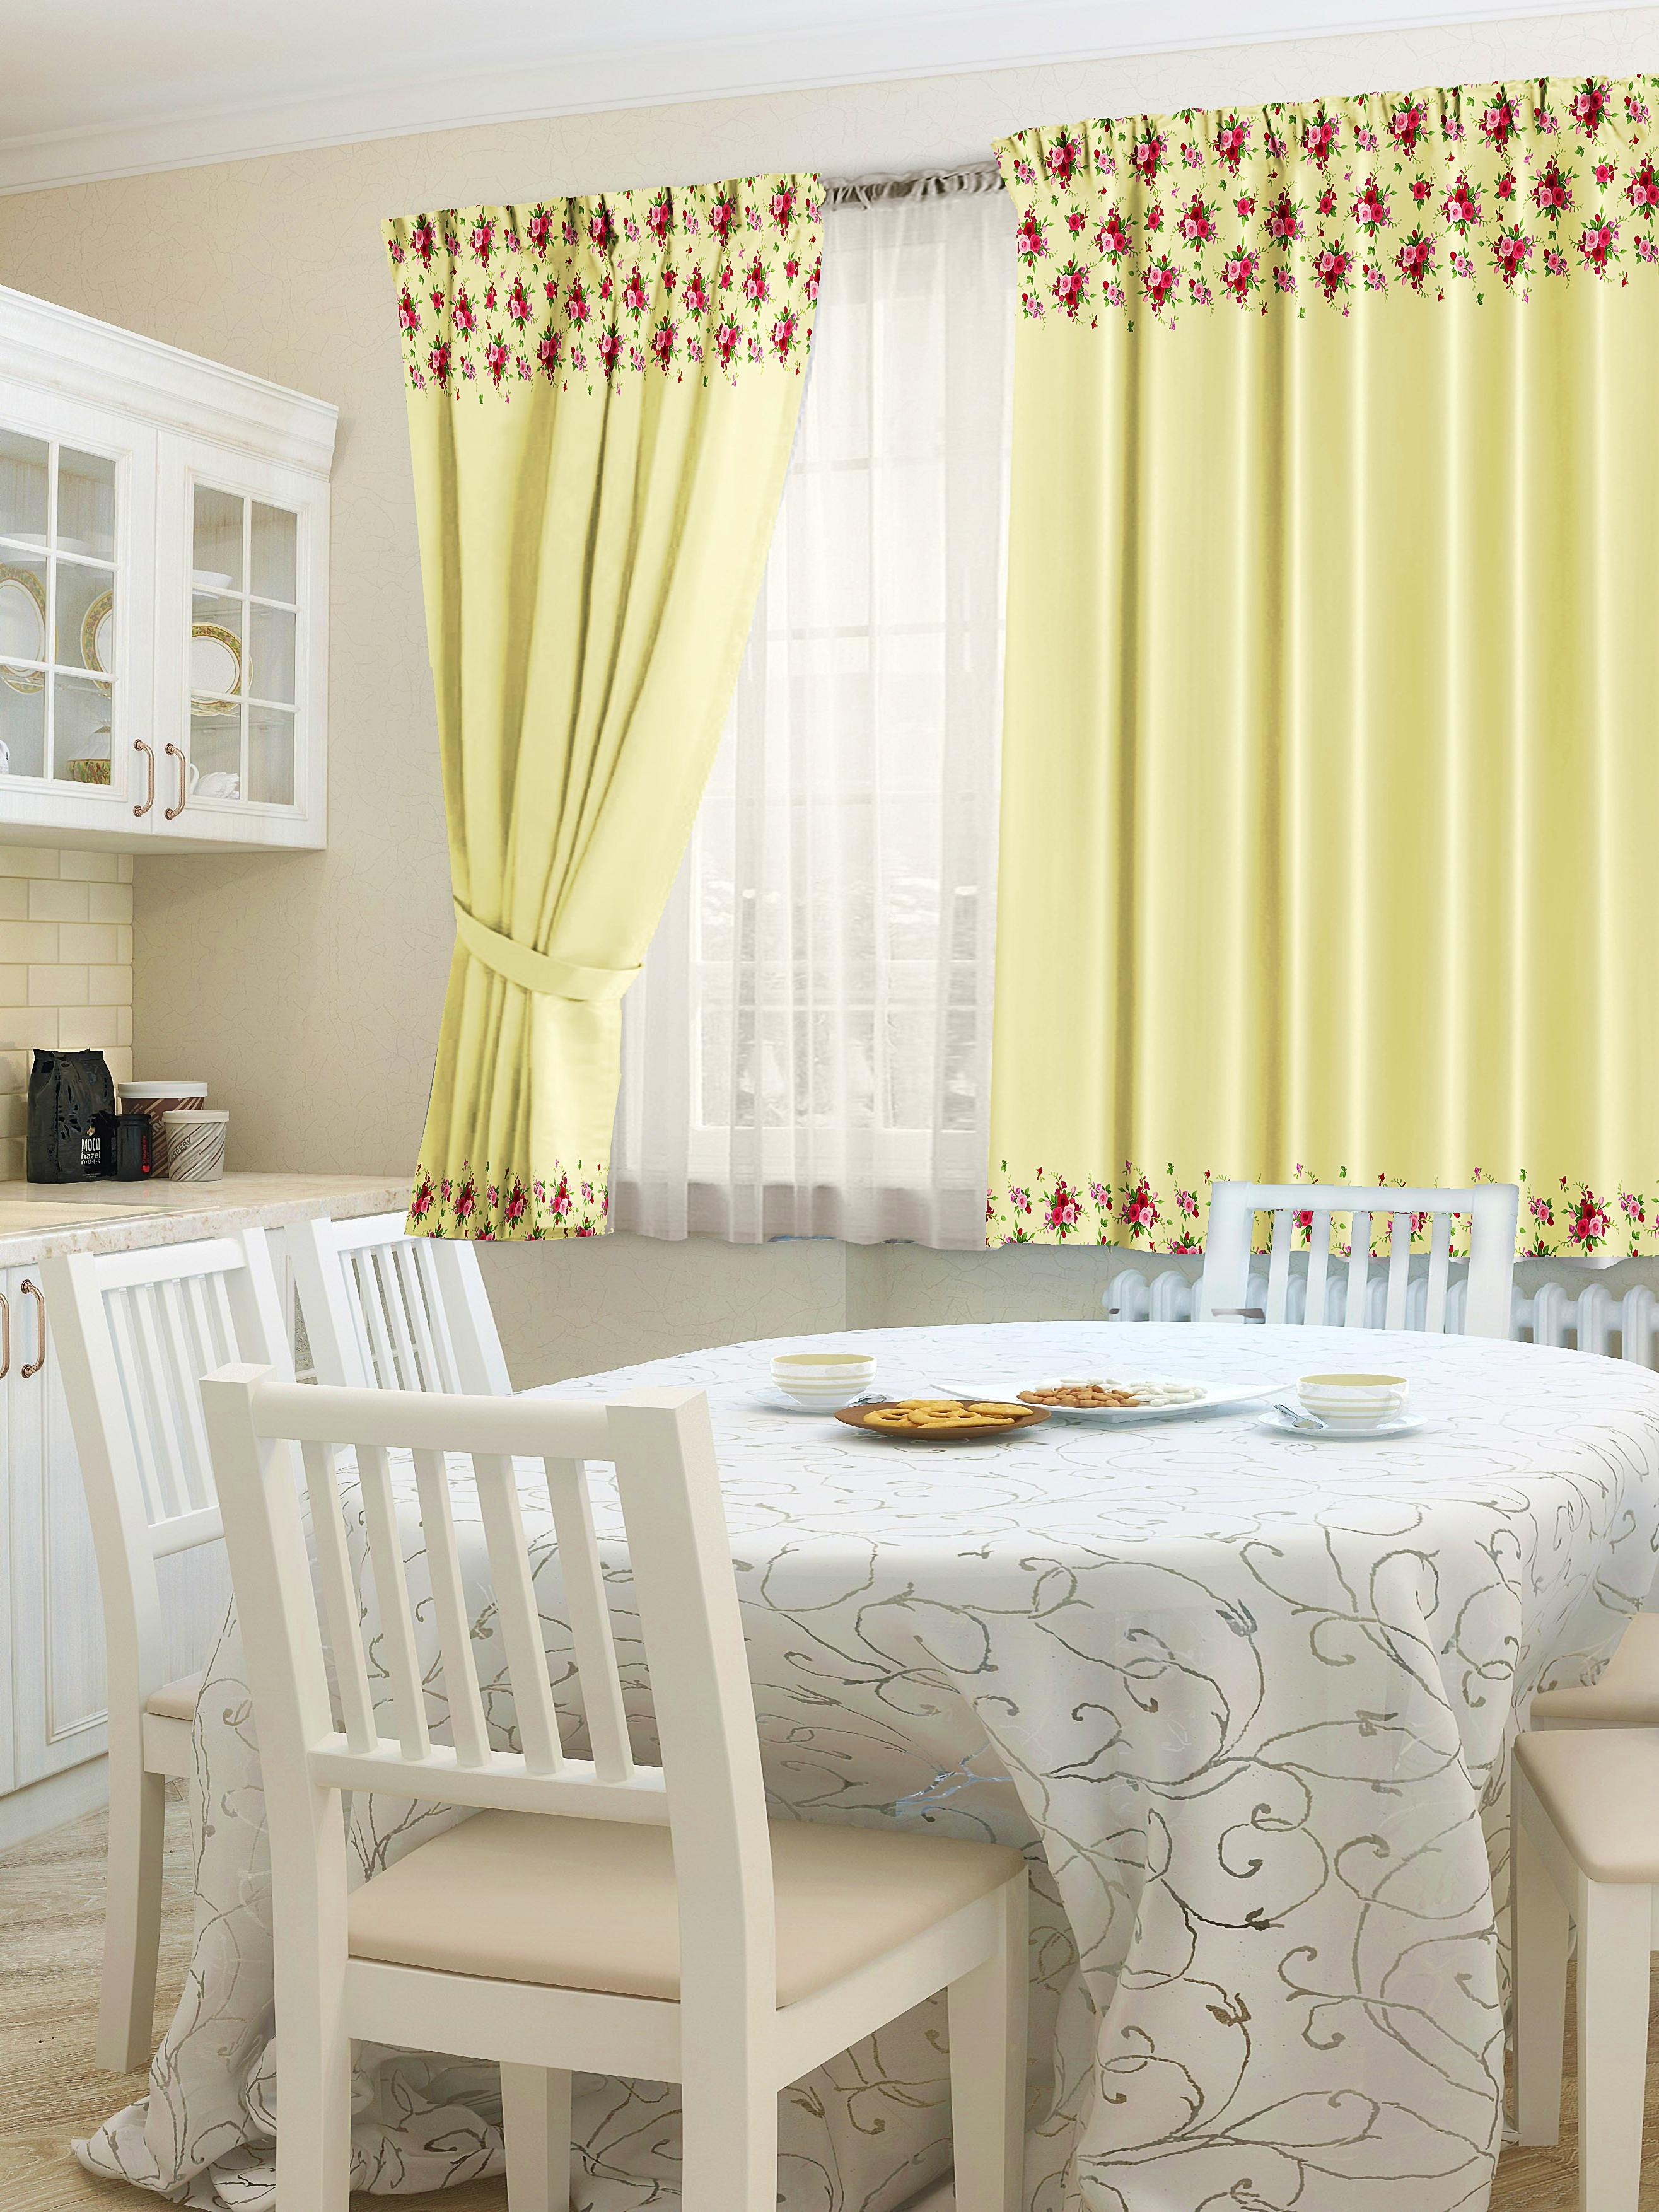 образцы штор для кухни фото отгадает